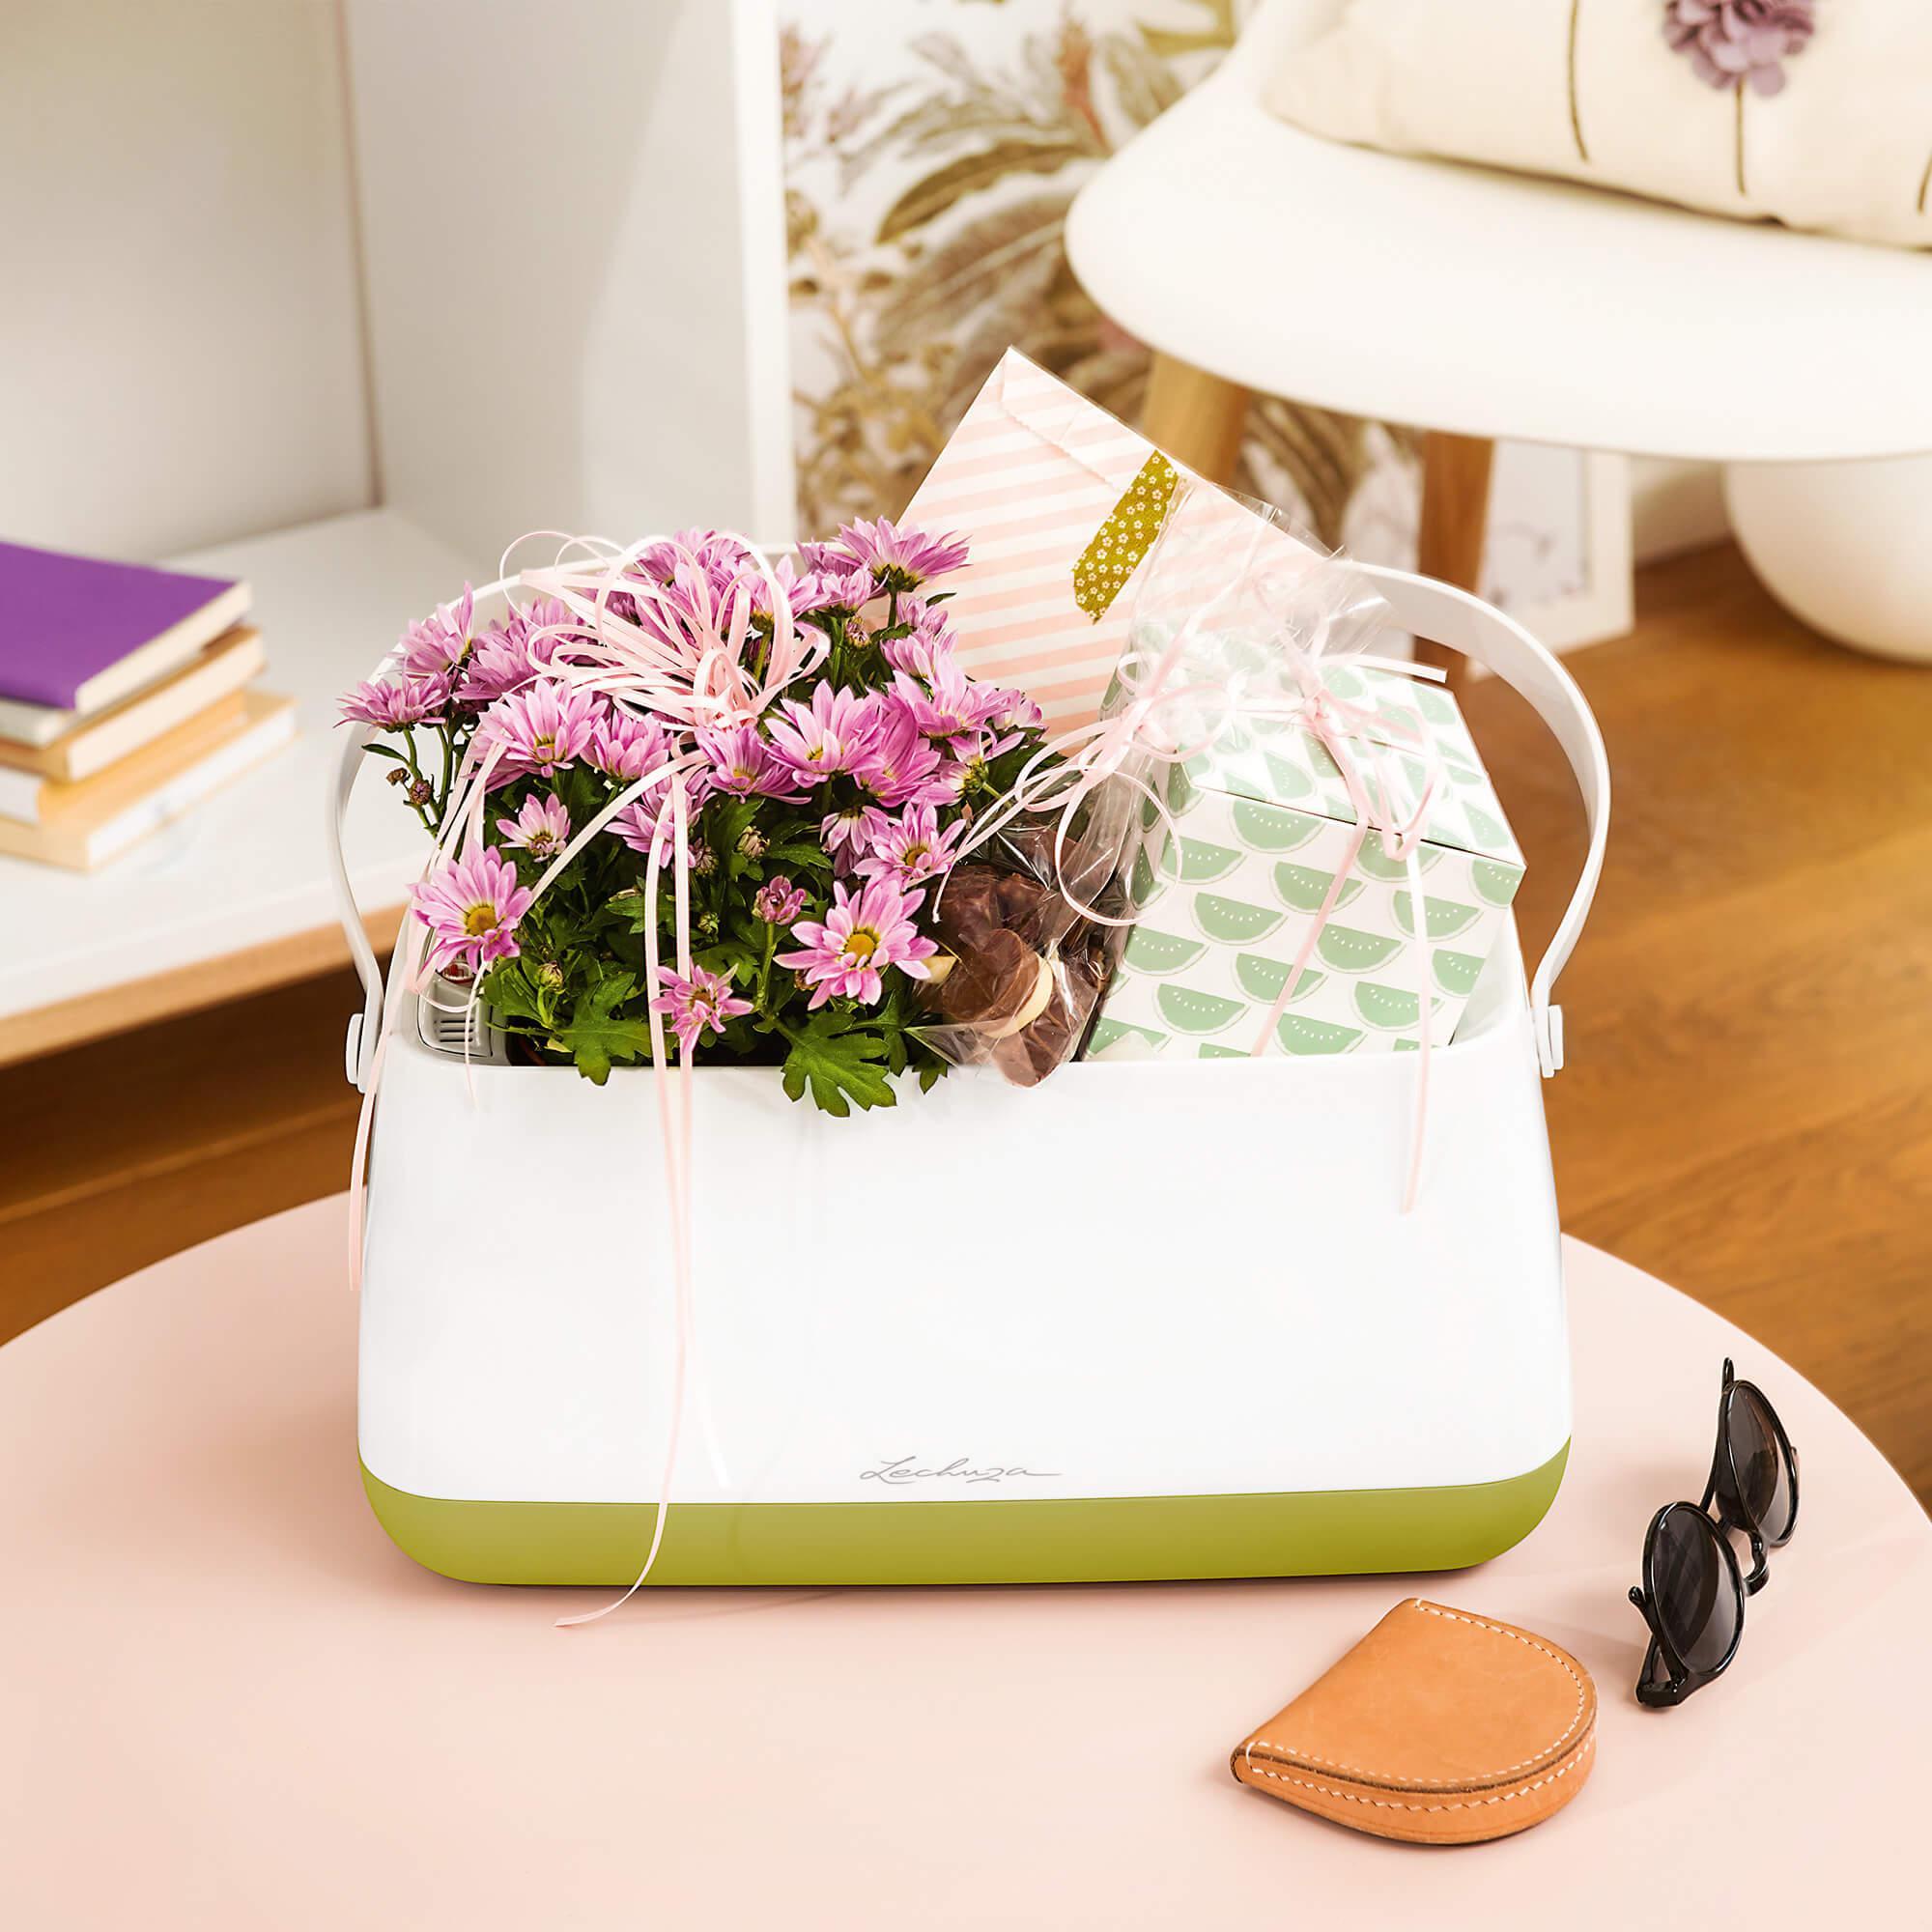 Корзинка для растений YULA белый/фисташковый - изображение 6